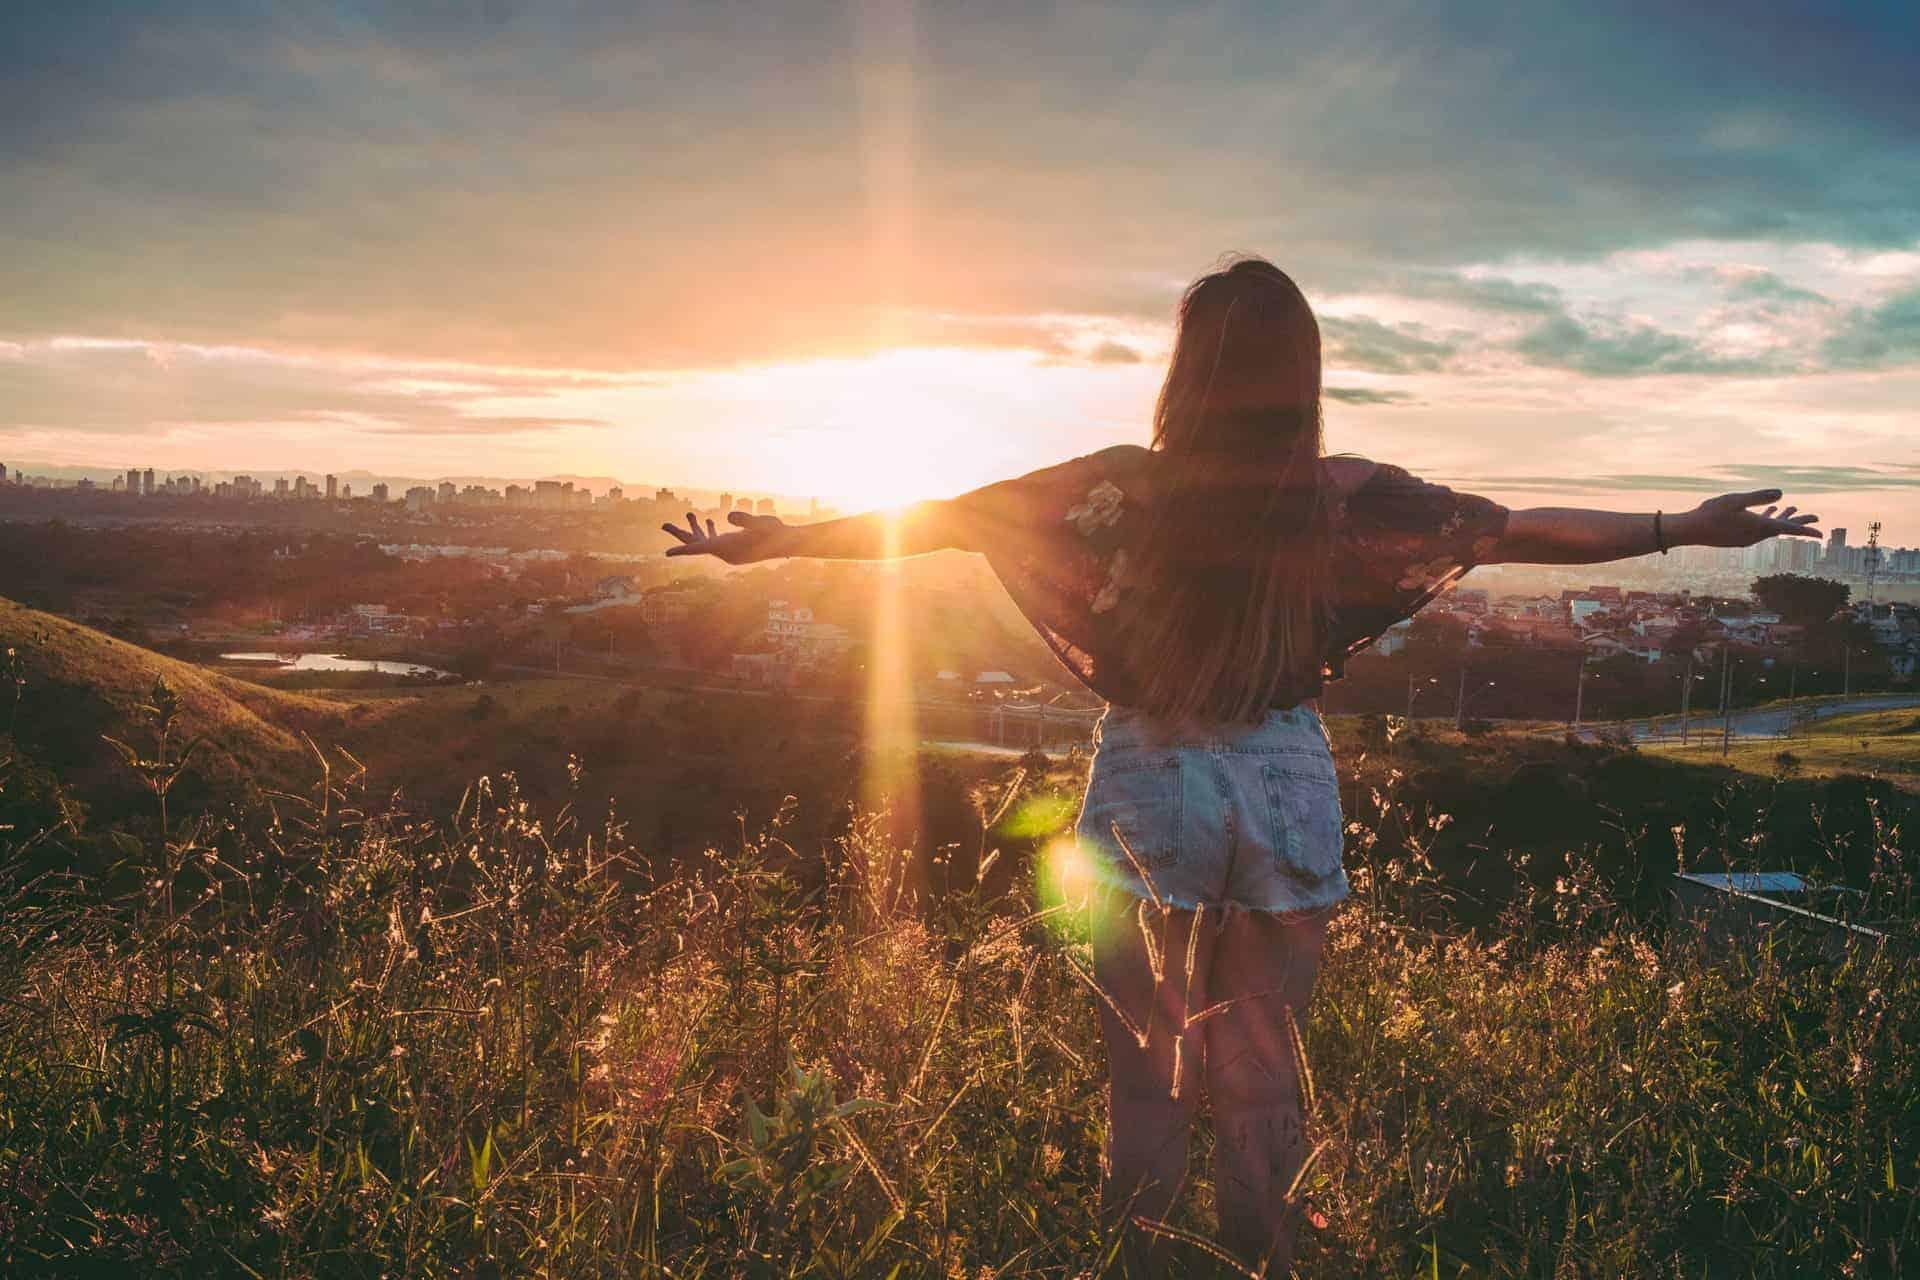 Lichttherapie: Wie sie funktioniert und was du beachten musst